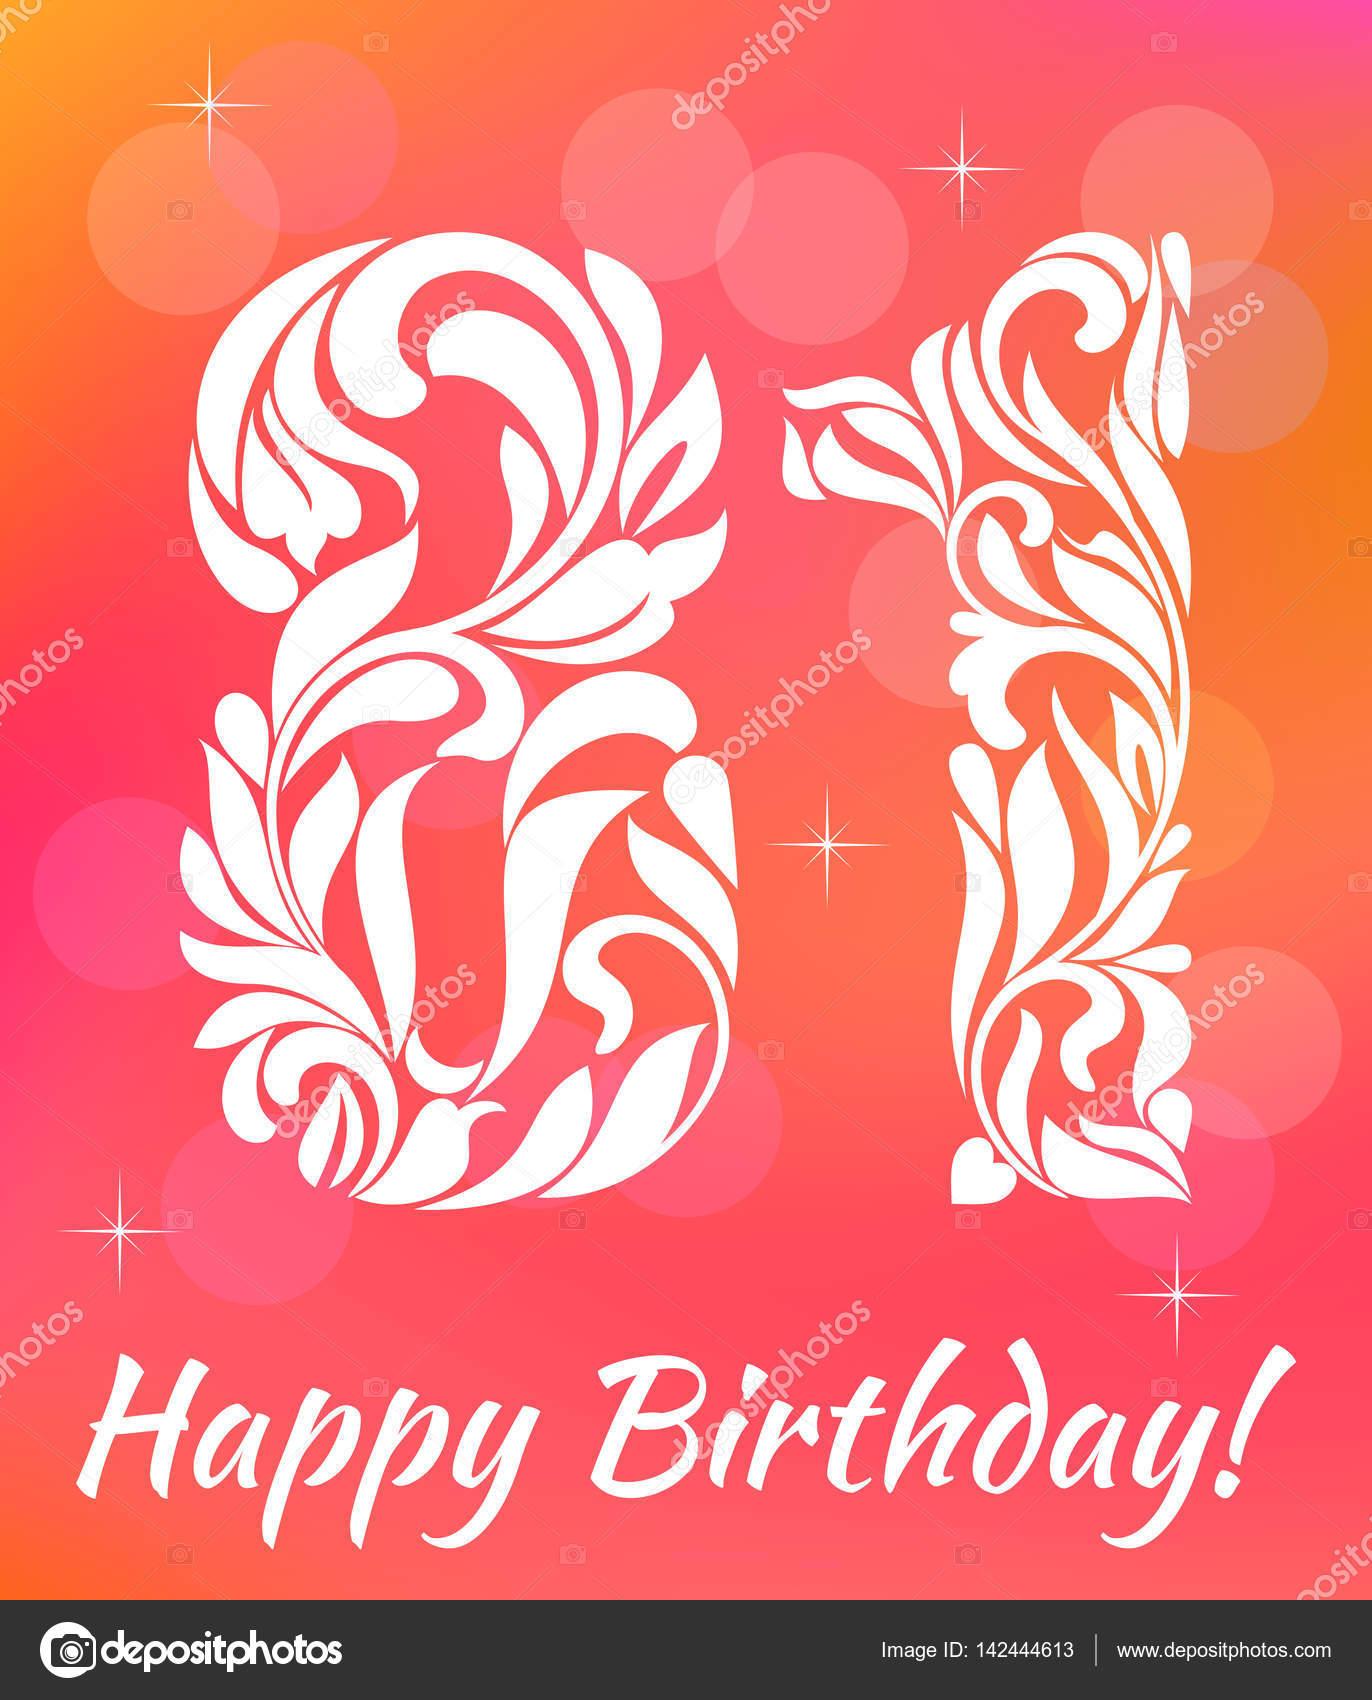 Auguri Di Buon Compleanno 81 Anni.Auguri Di Buon Compleanno A I1jab